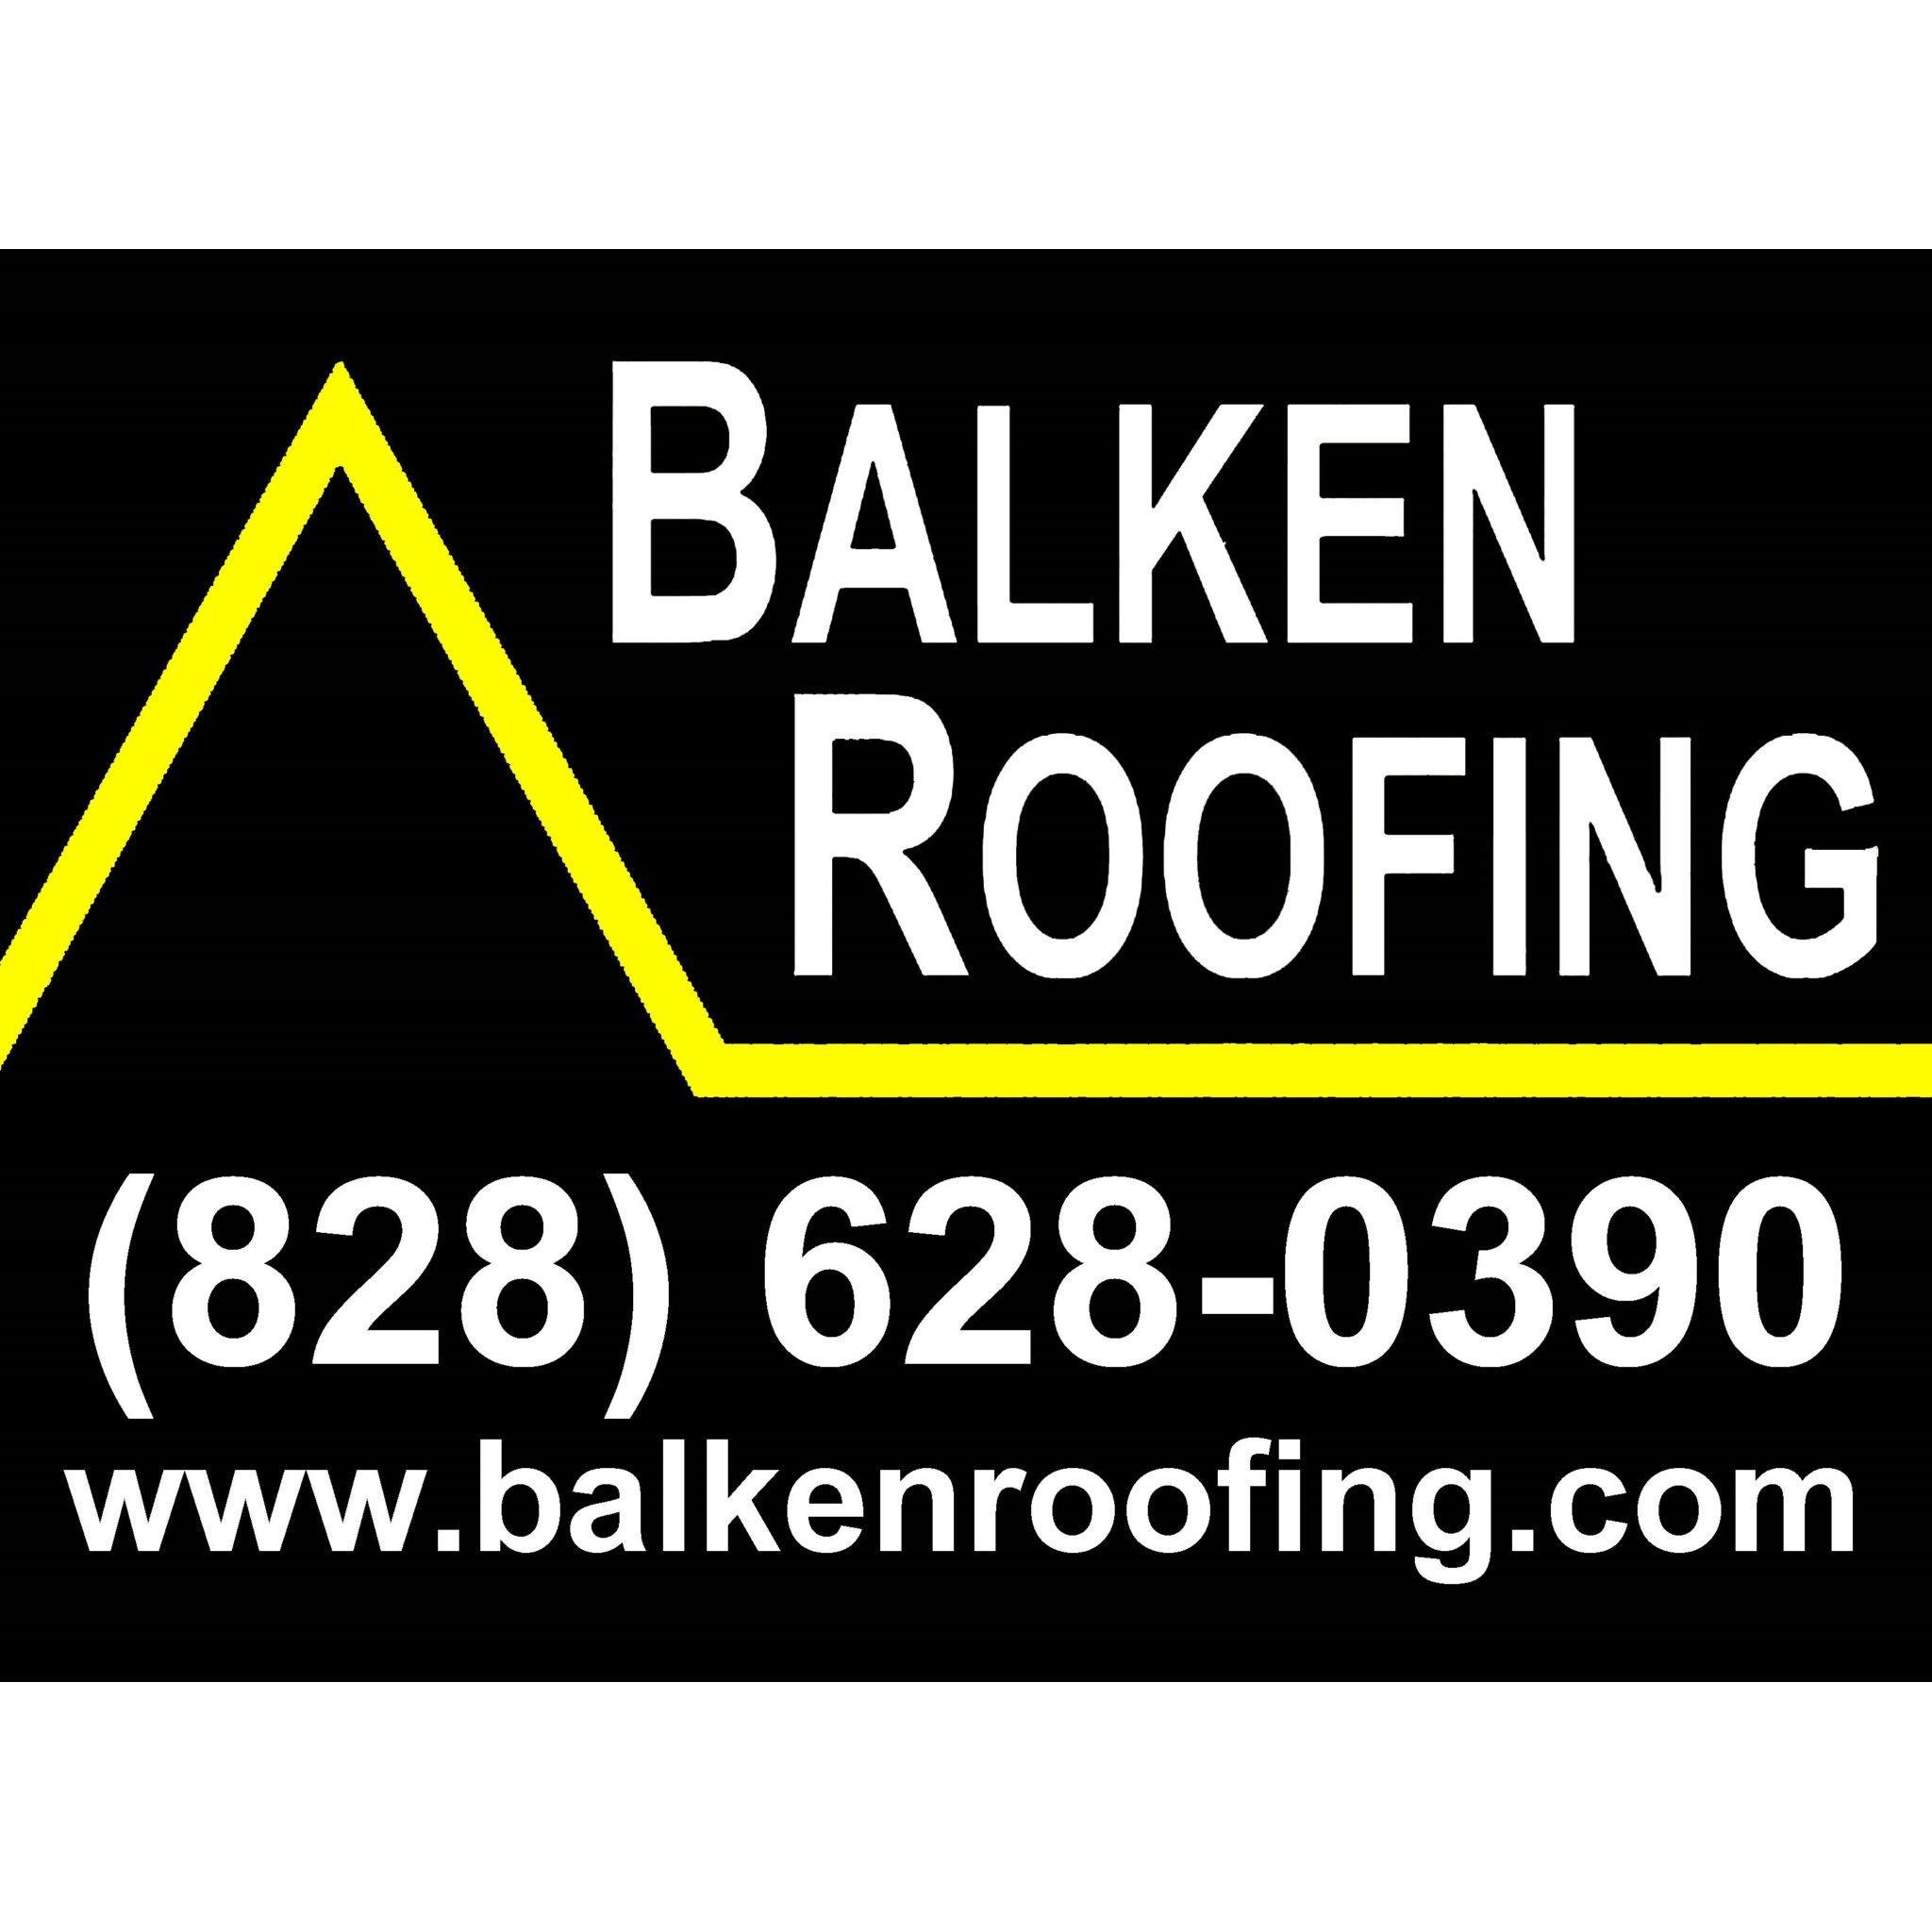 Balken Roofing image 5